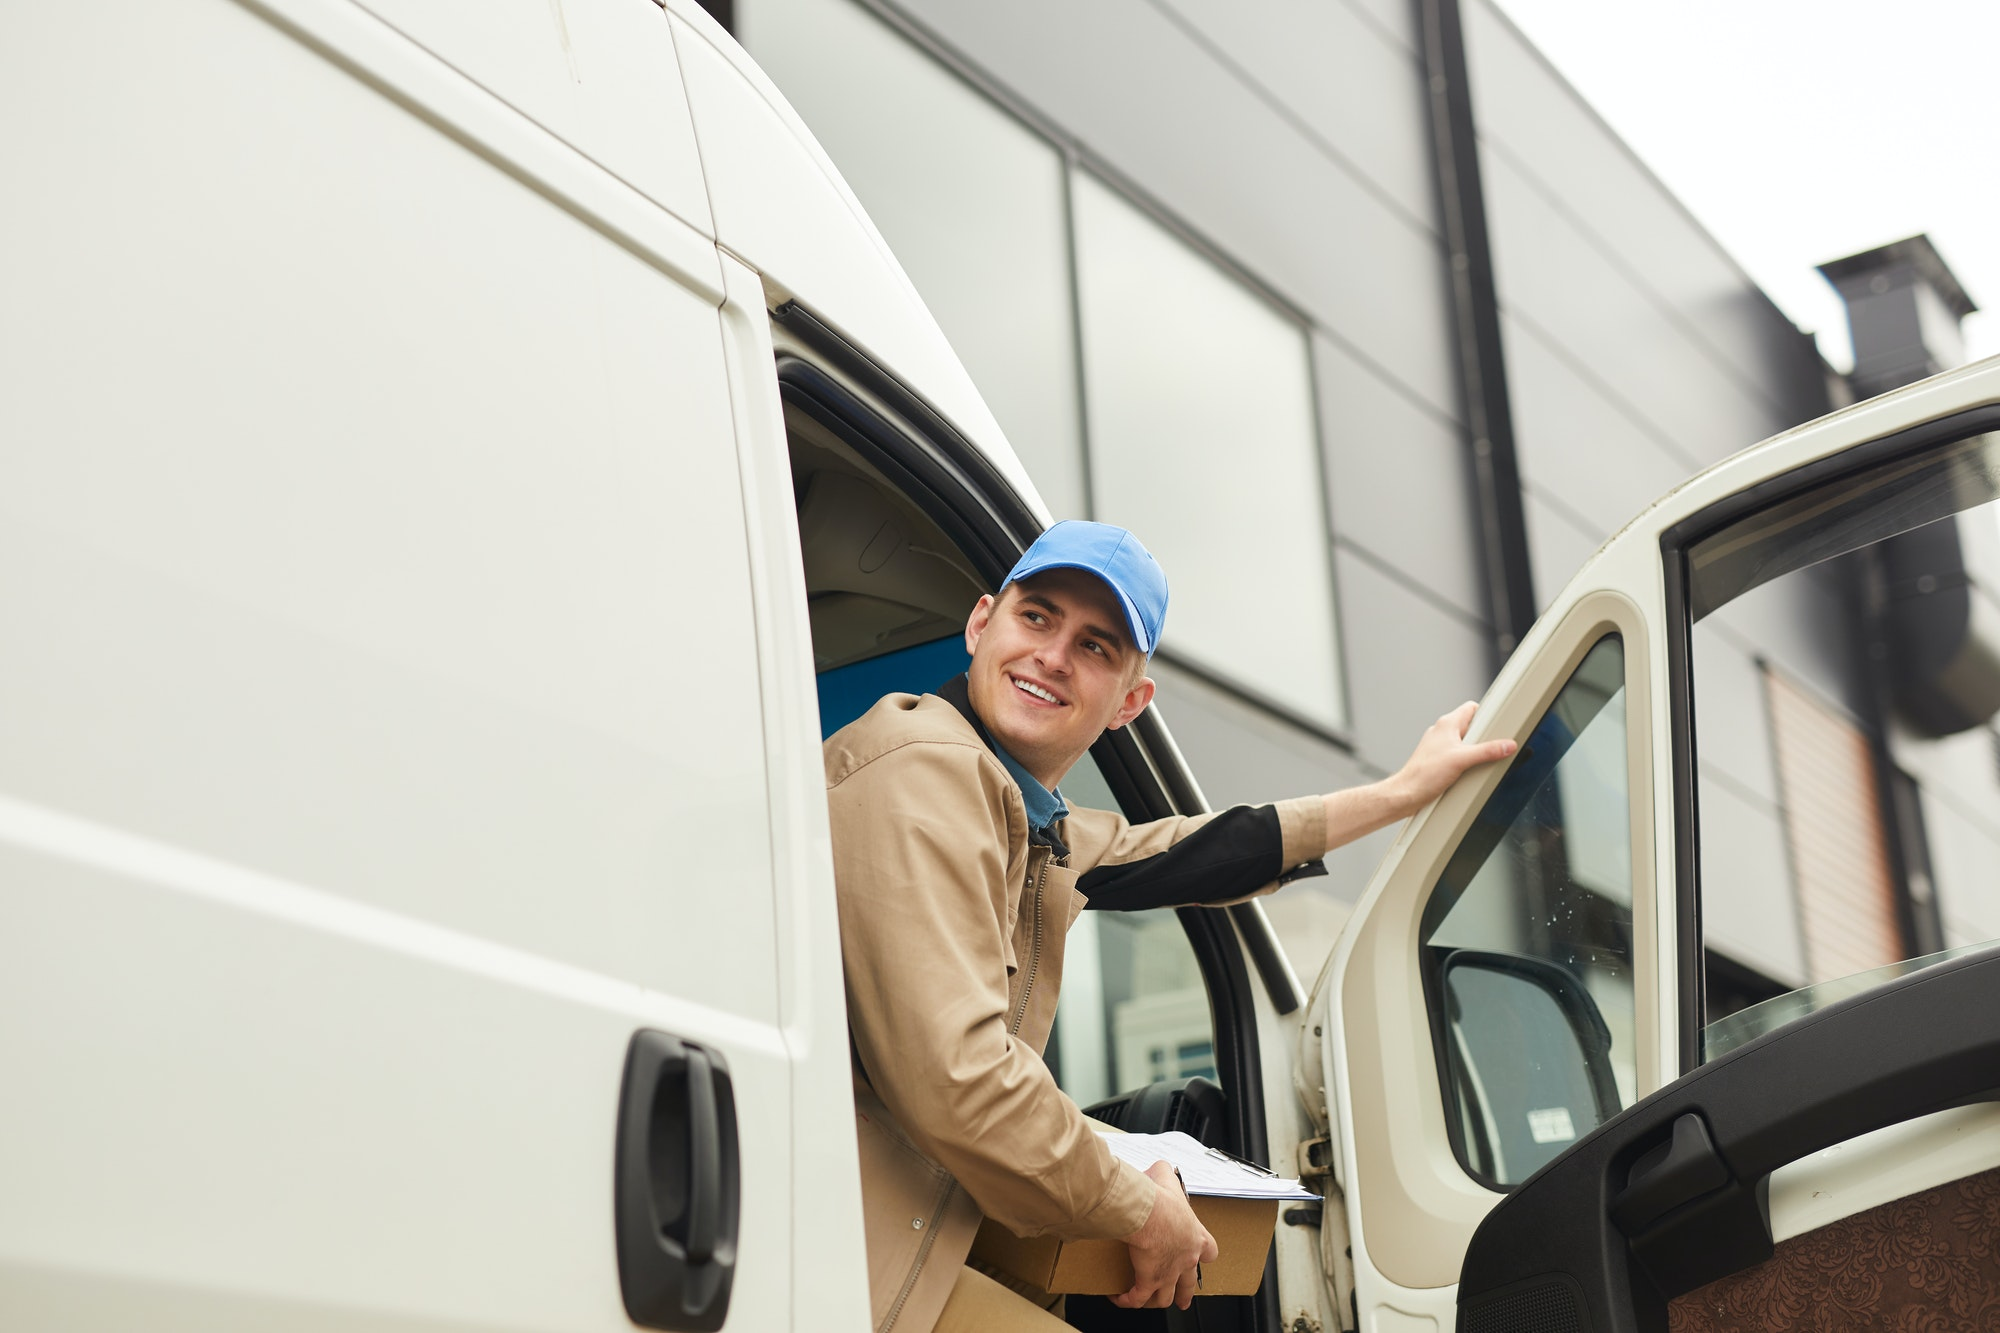 Delivering parcel by the van